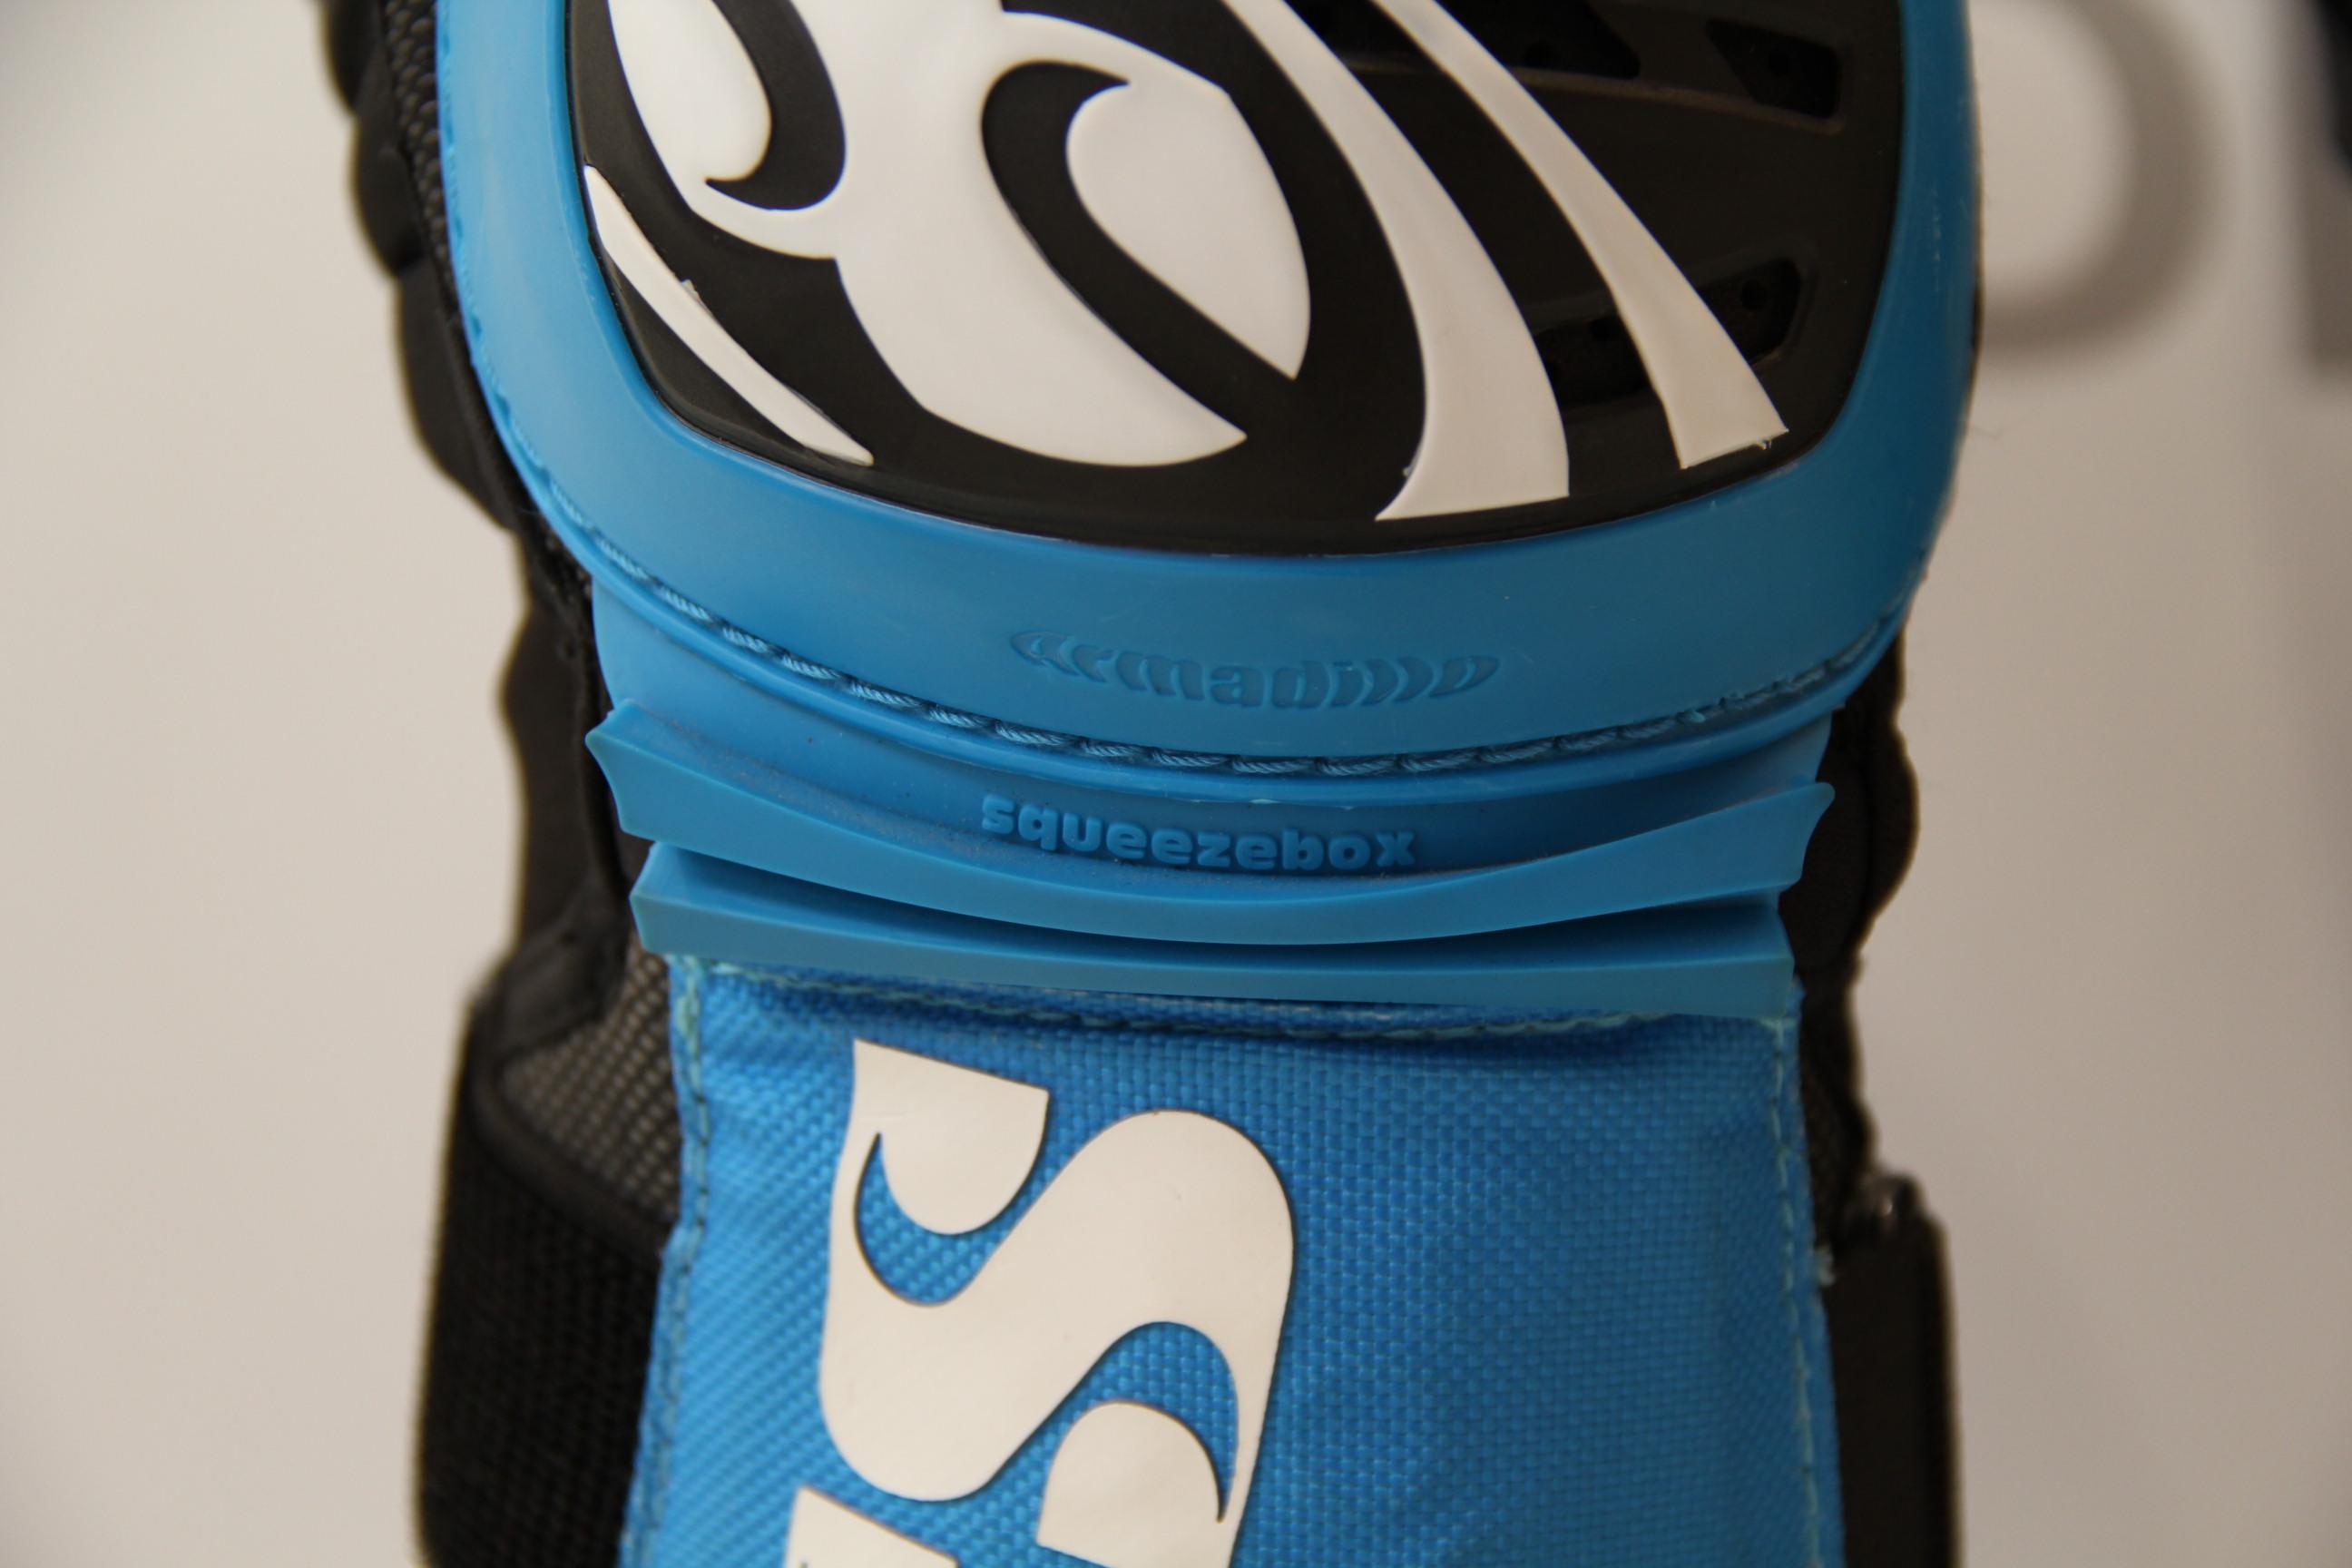 iXS Dagger Knee Guard jetzt in der Darren Berrecloth Edition in blau und grün